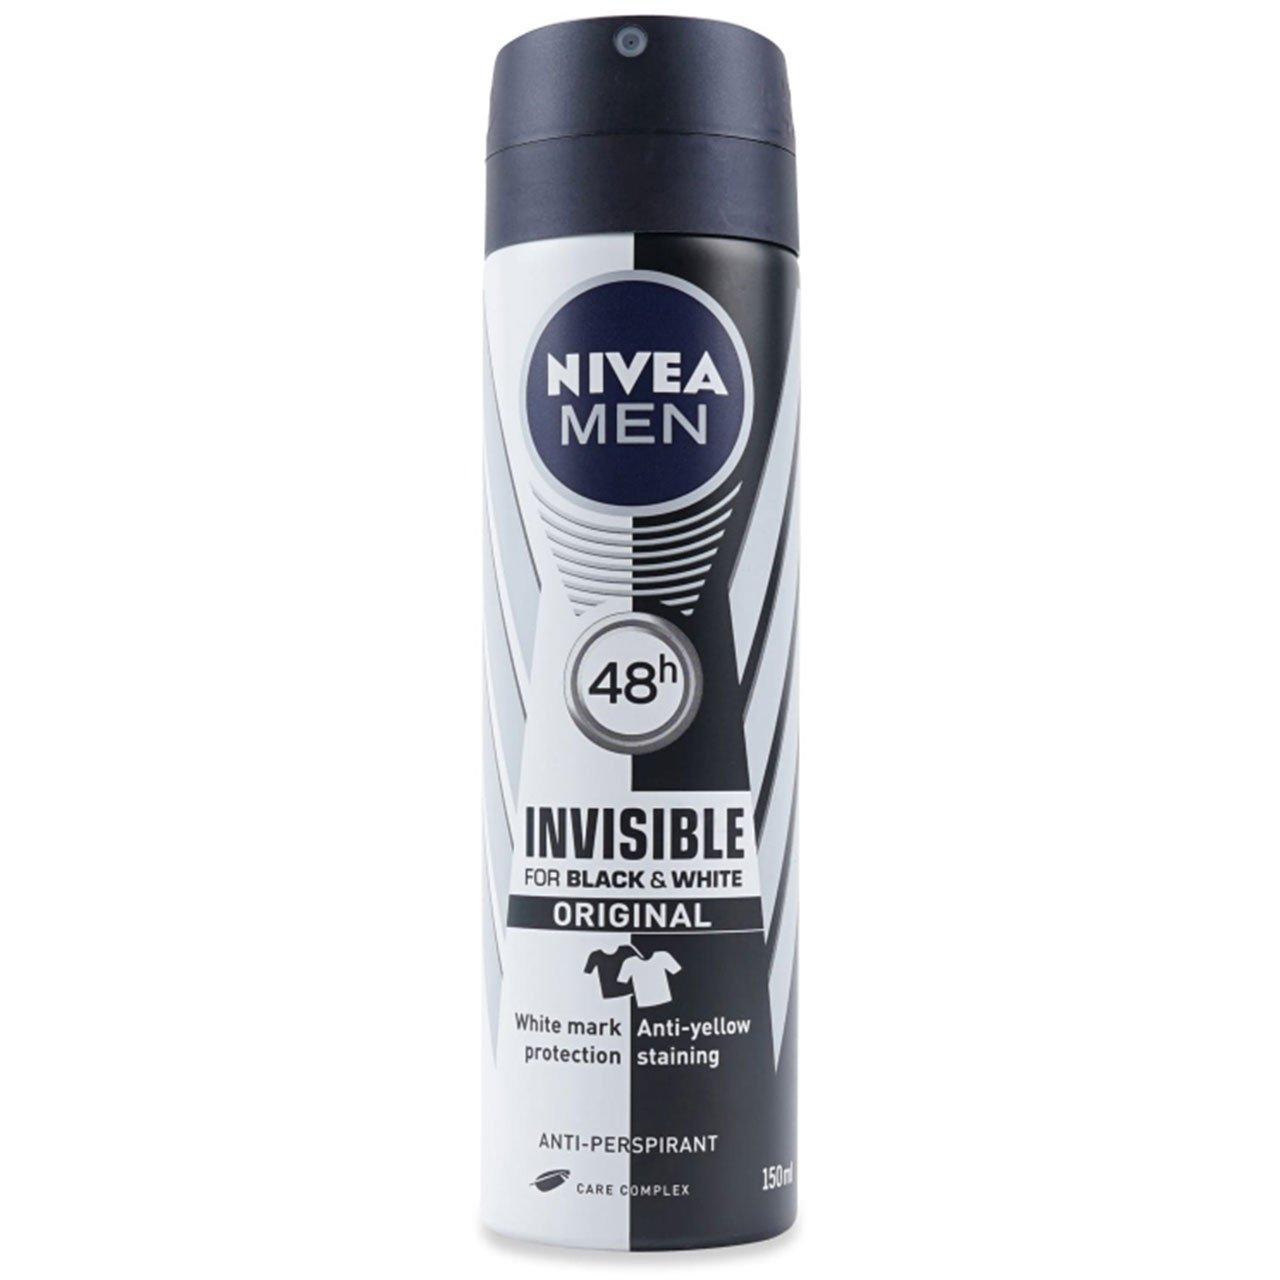 اسپری مردانه نیوآ مدل Invisible Black and White Original حجم 150 میلی لیتر